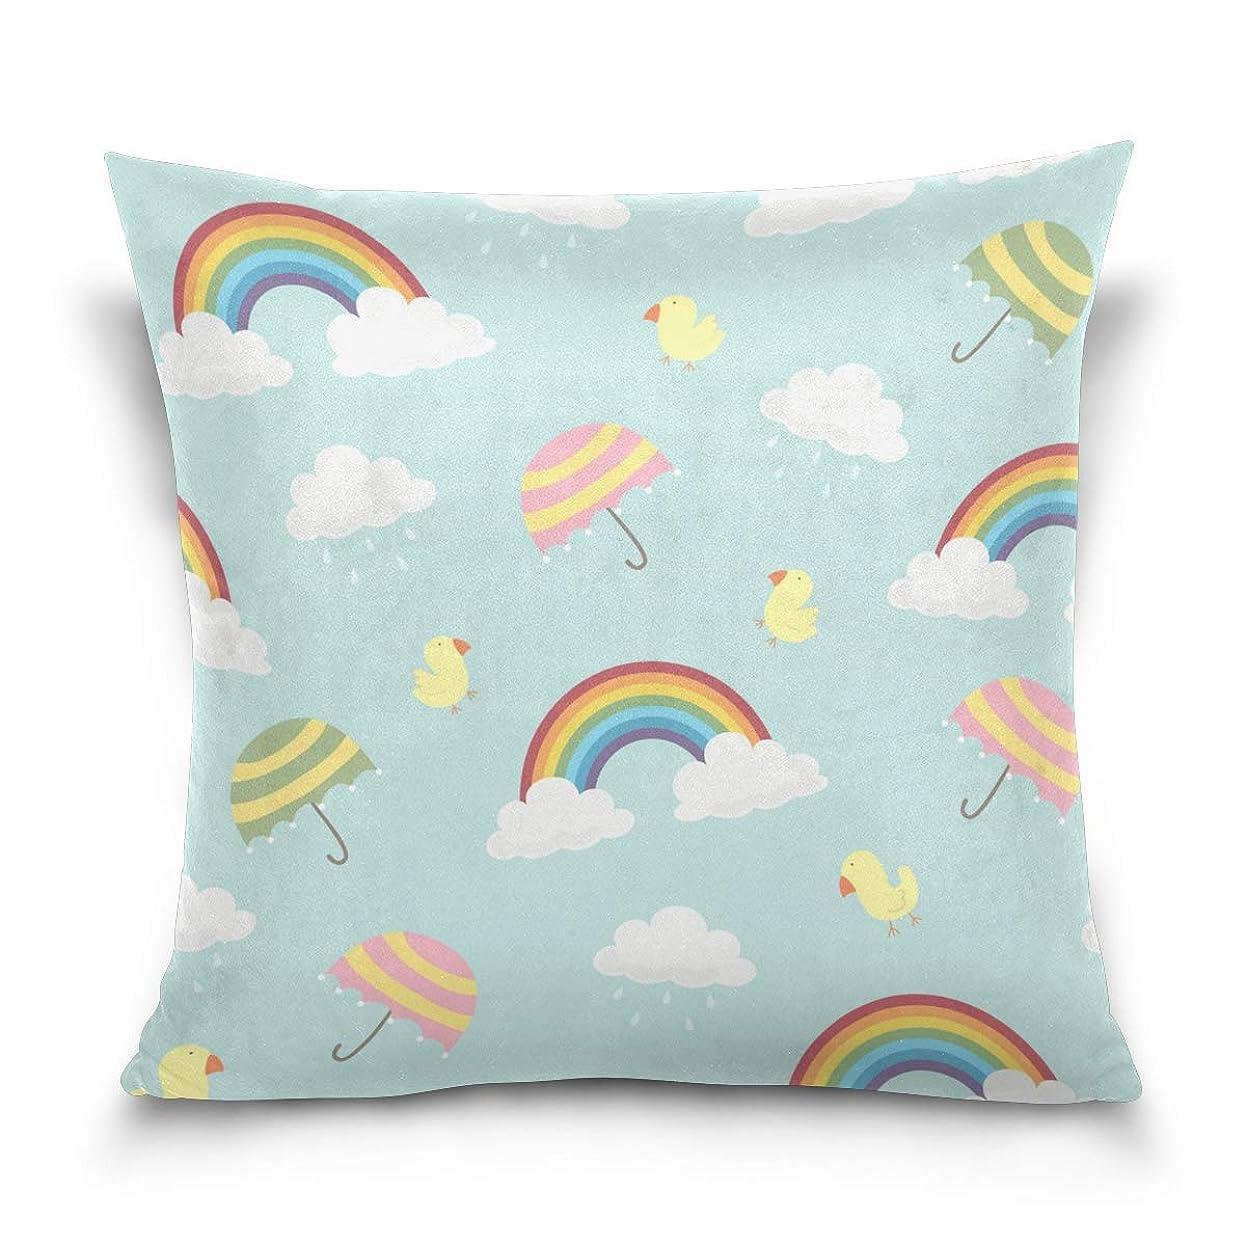 前進地上で追放スロー枕カバーポリエステルクッションケース用ホームソファベッドルームカーチェアハウスパーティー屋内屋外20x20インチかわいい虹柄枕カバー